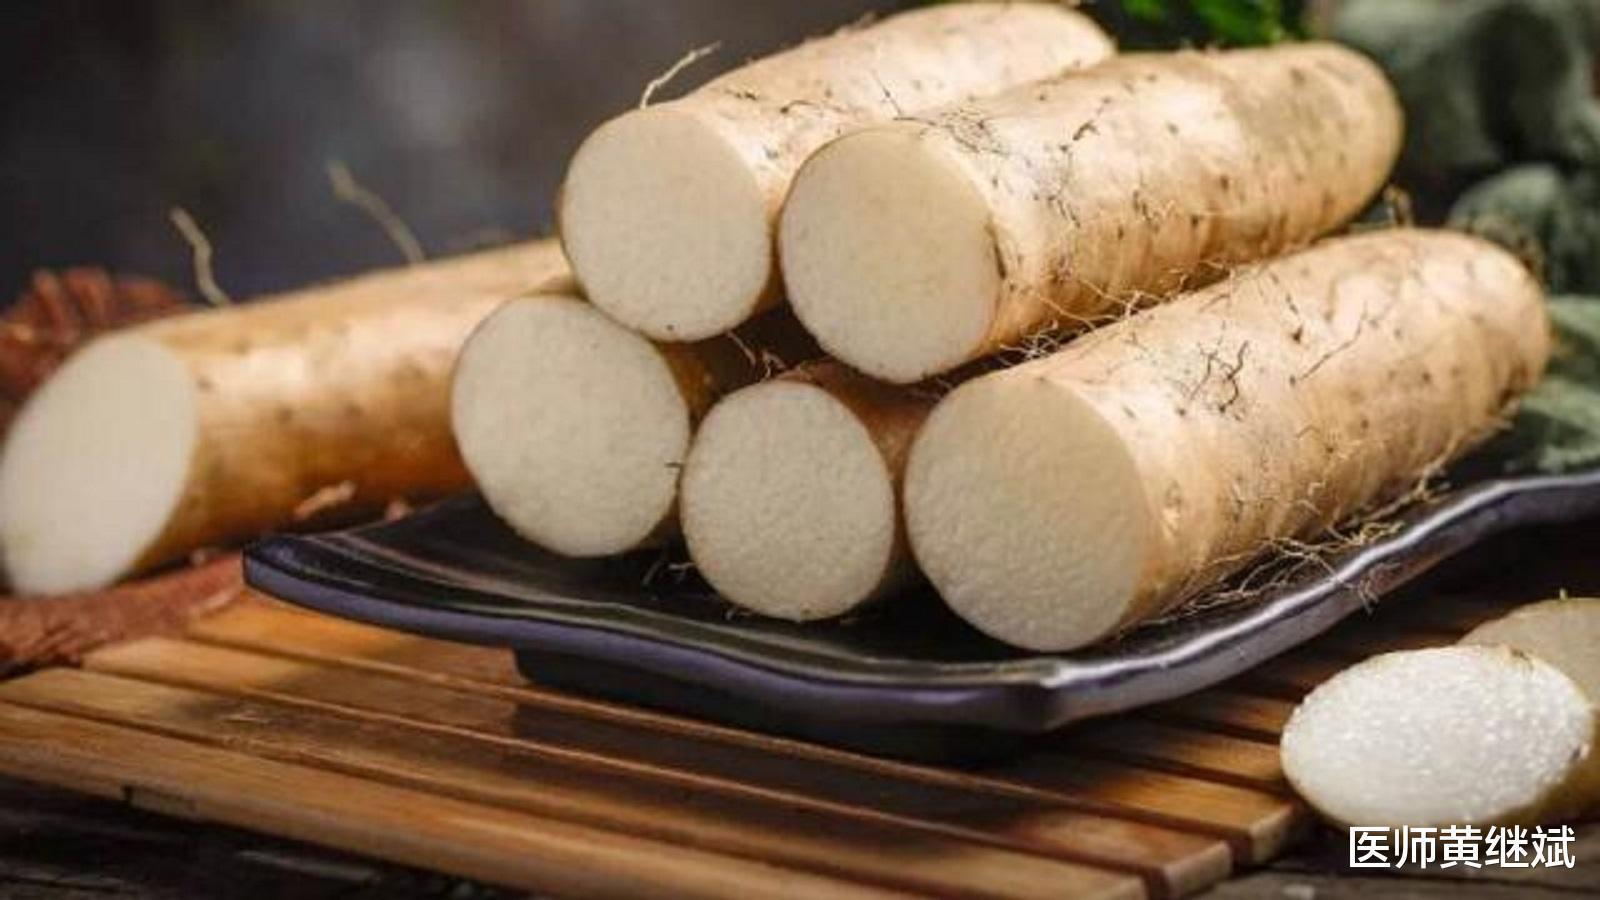 原创四季必备蔬菜之一,山药的营养价值介绍,吃山药过敏了怎么办?